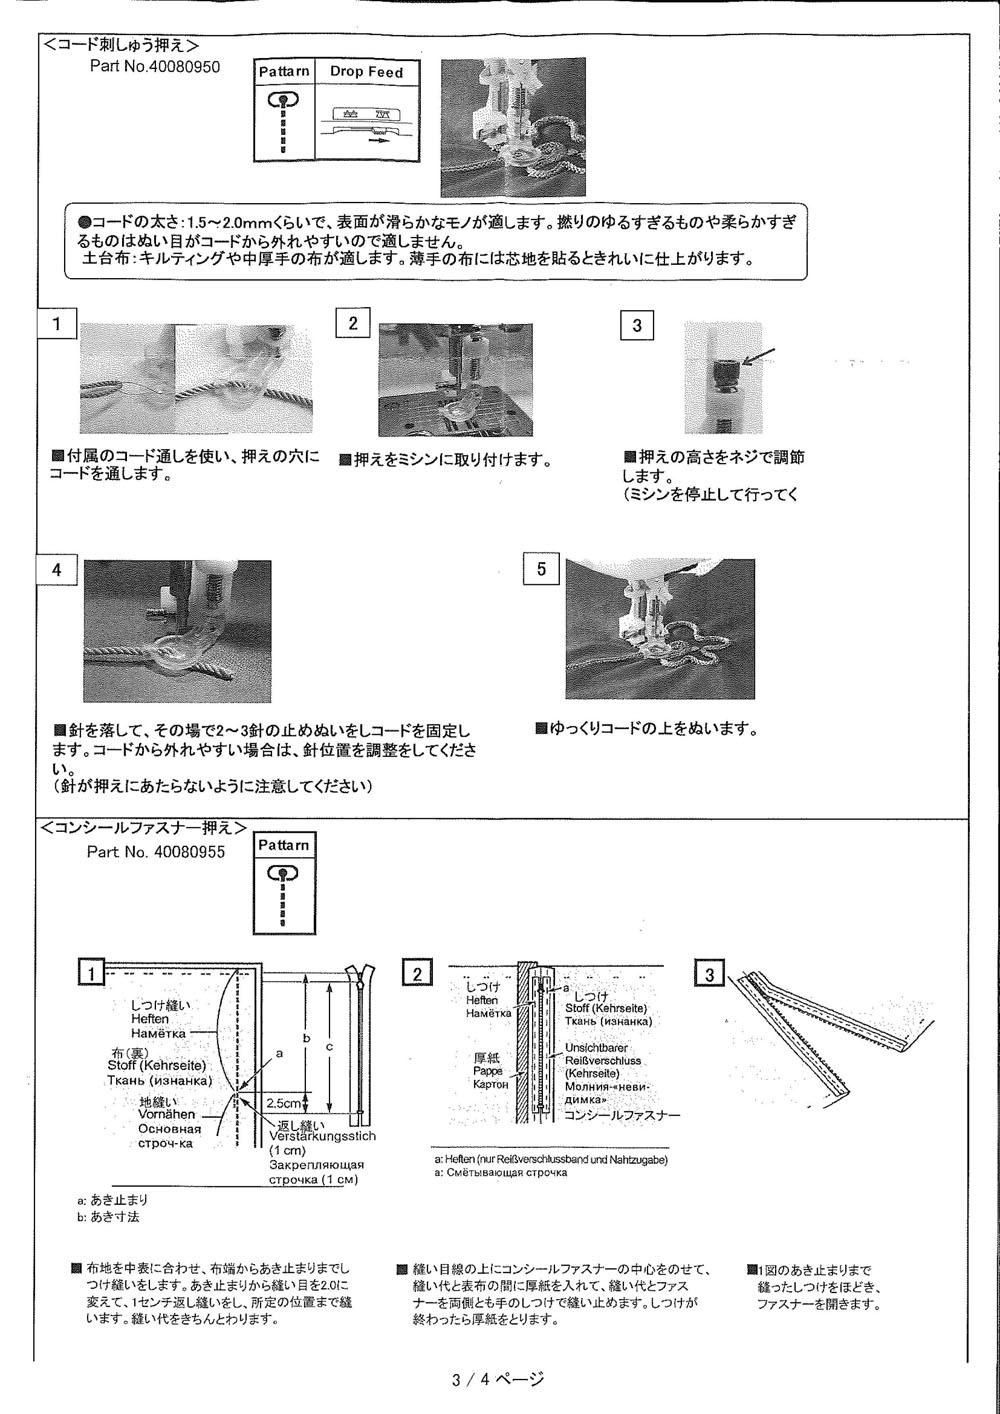 【送料無料】 ヘビーユーザーキット HZL-GX300